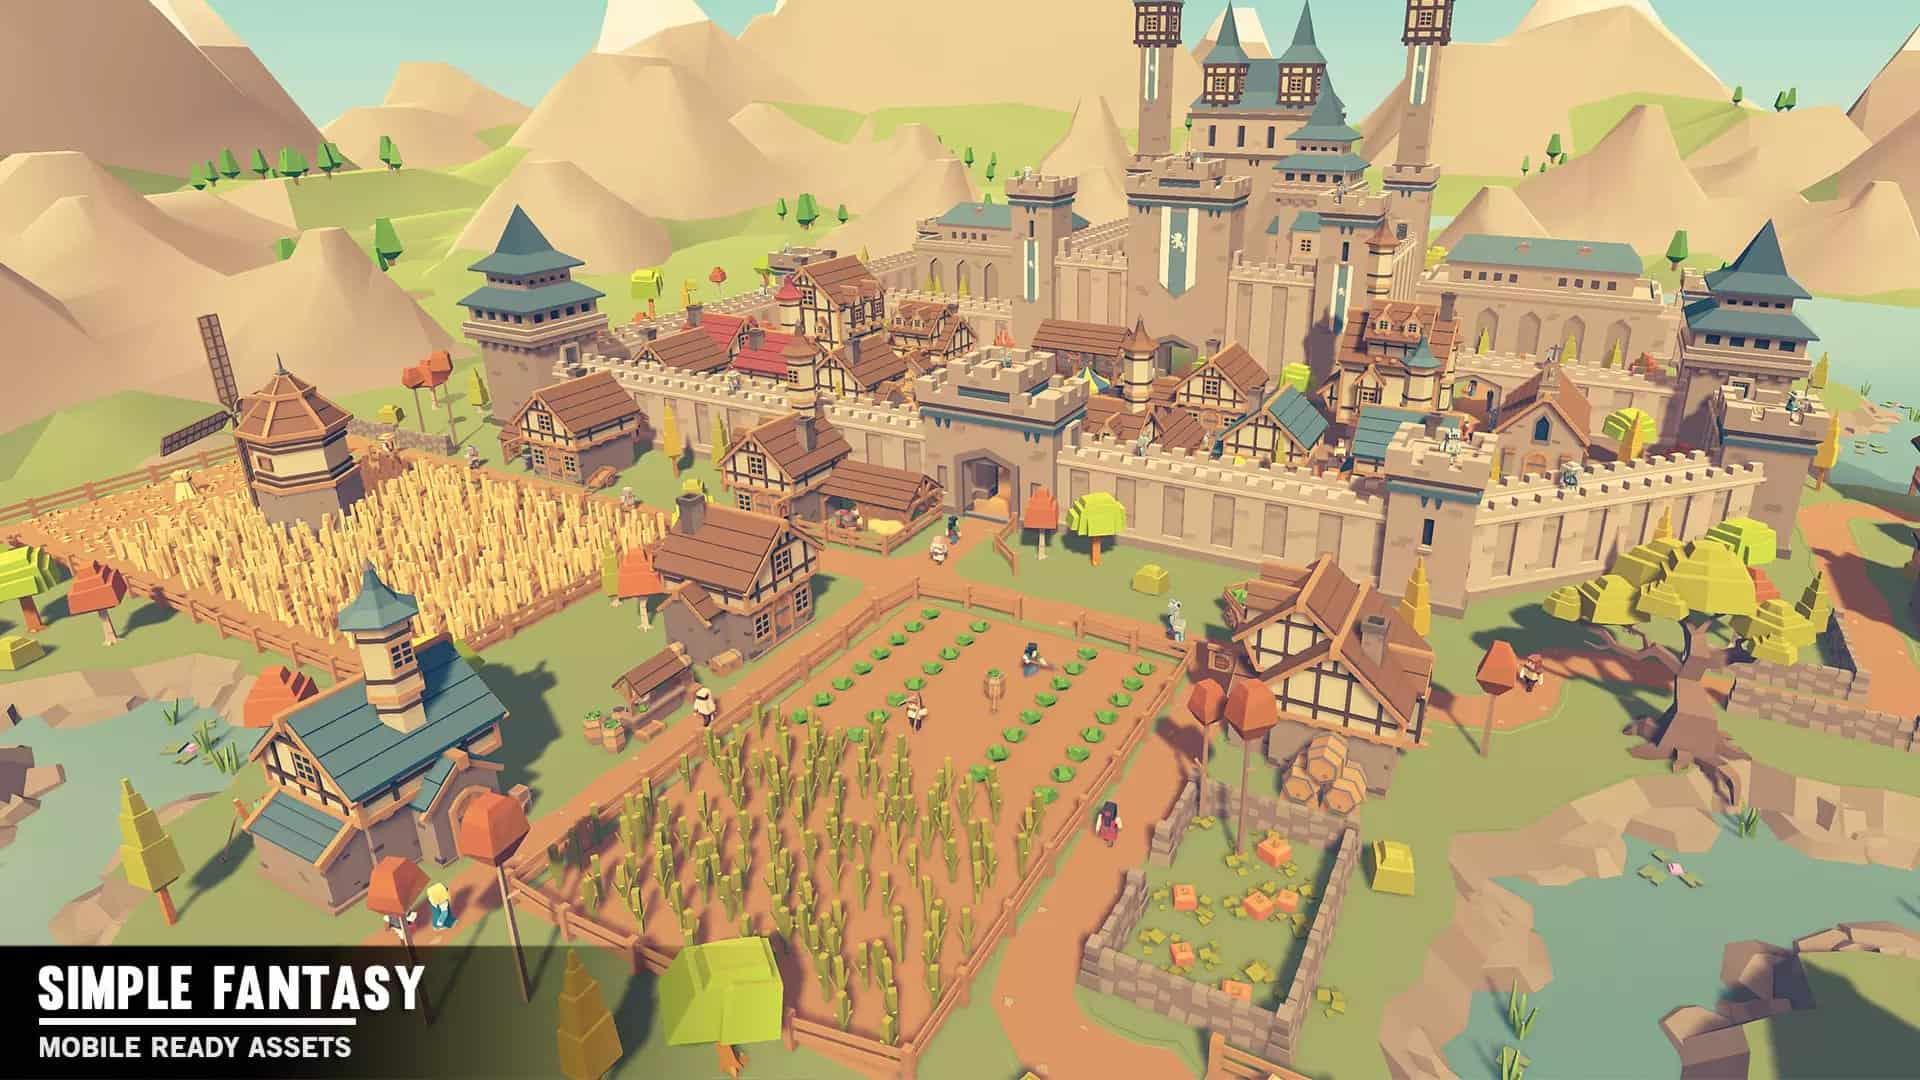 Tworzenie gier - #3 - Przygotowania